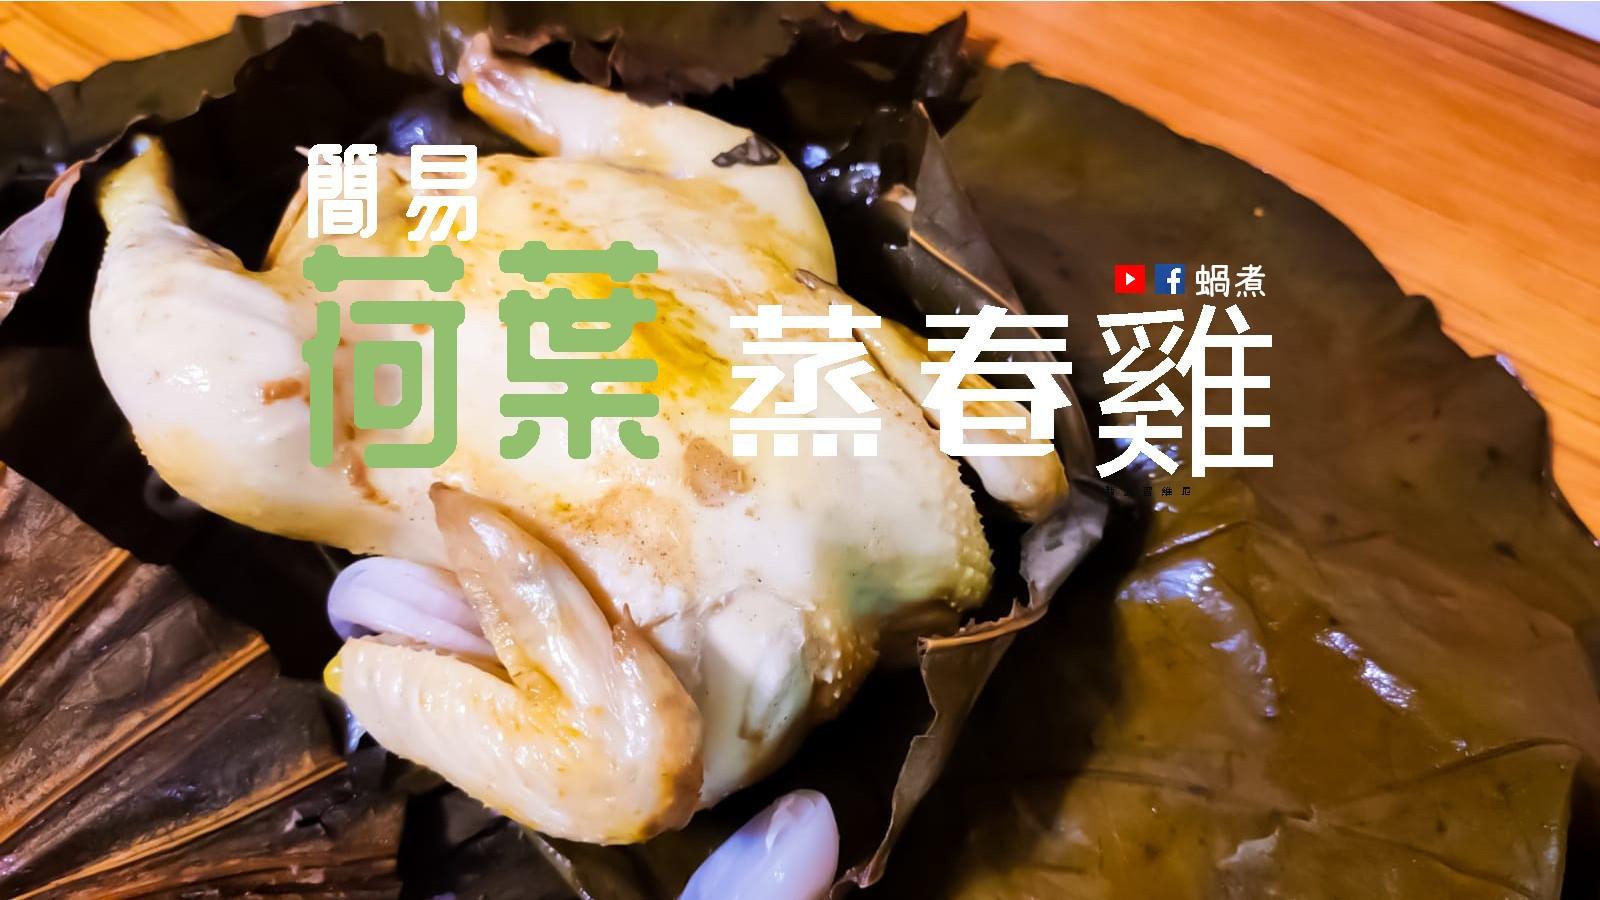 家庭小菜|荷葉蒸春雞 簡單夏天菜 附影片